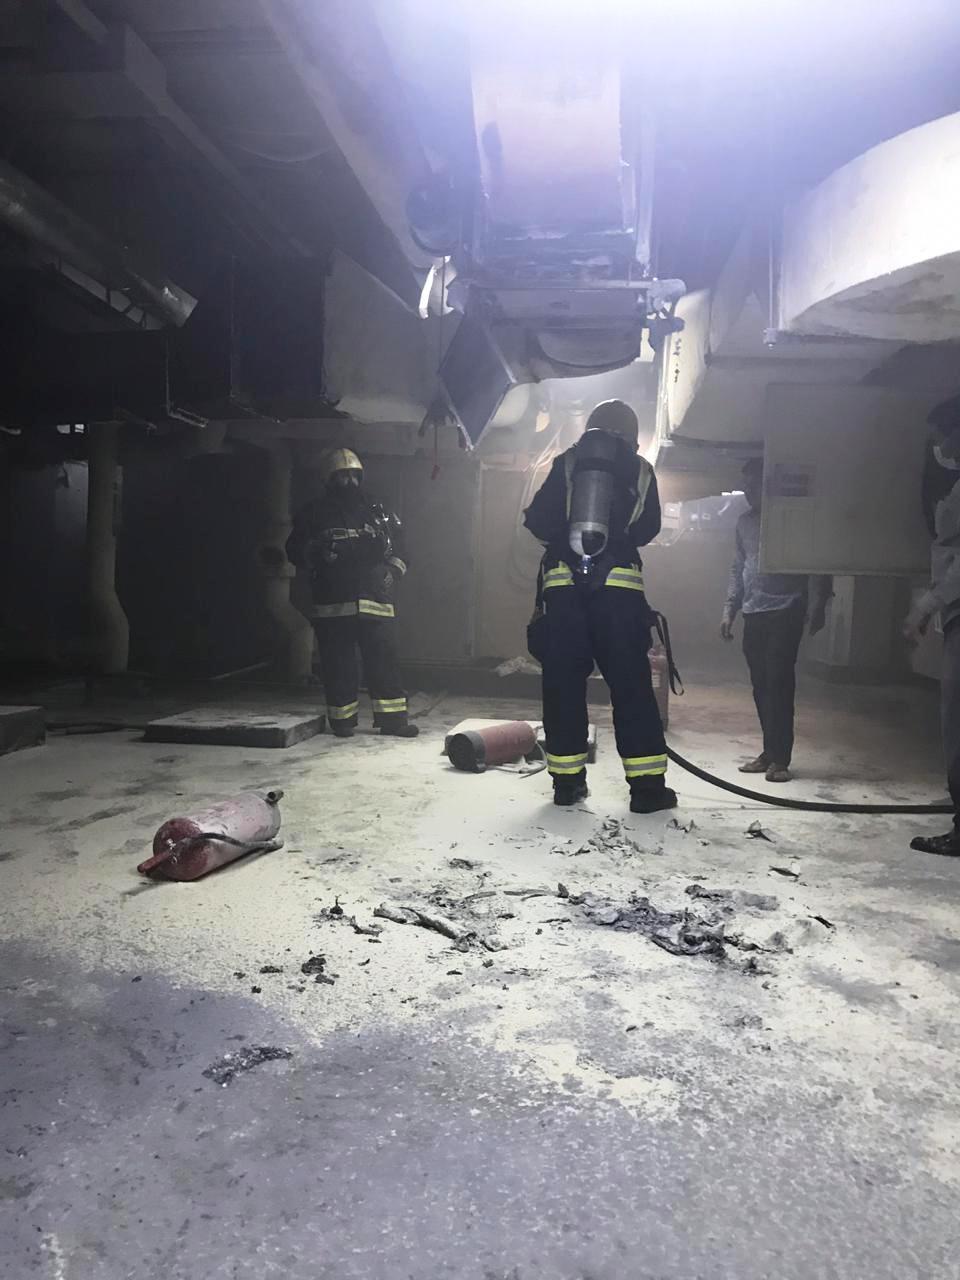 بالصور: حريق يخلي 35 نزيلاً من فندق بمركزية المدينة